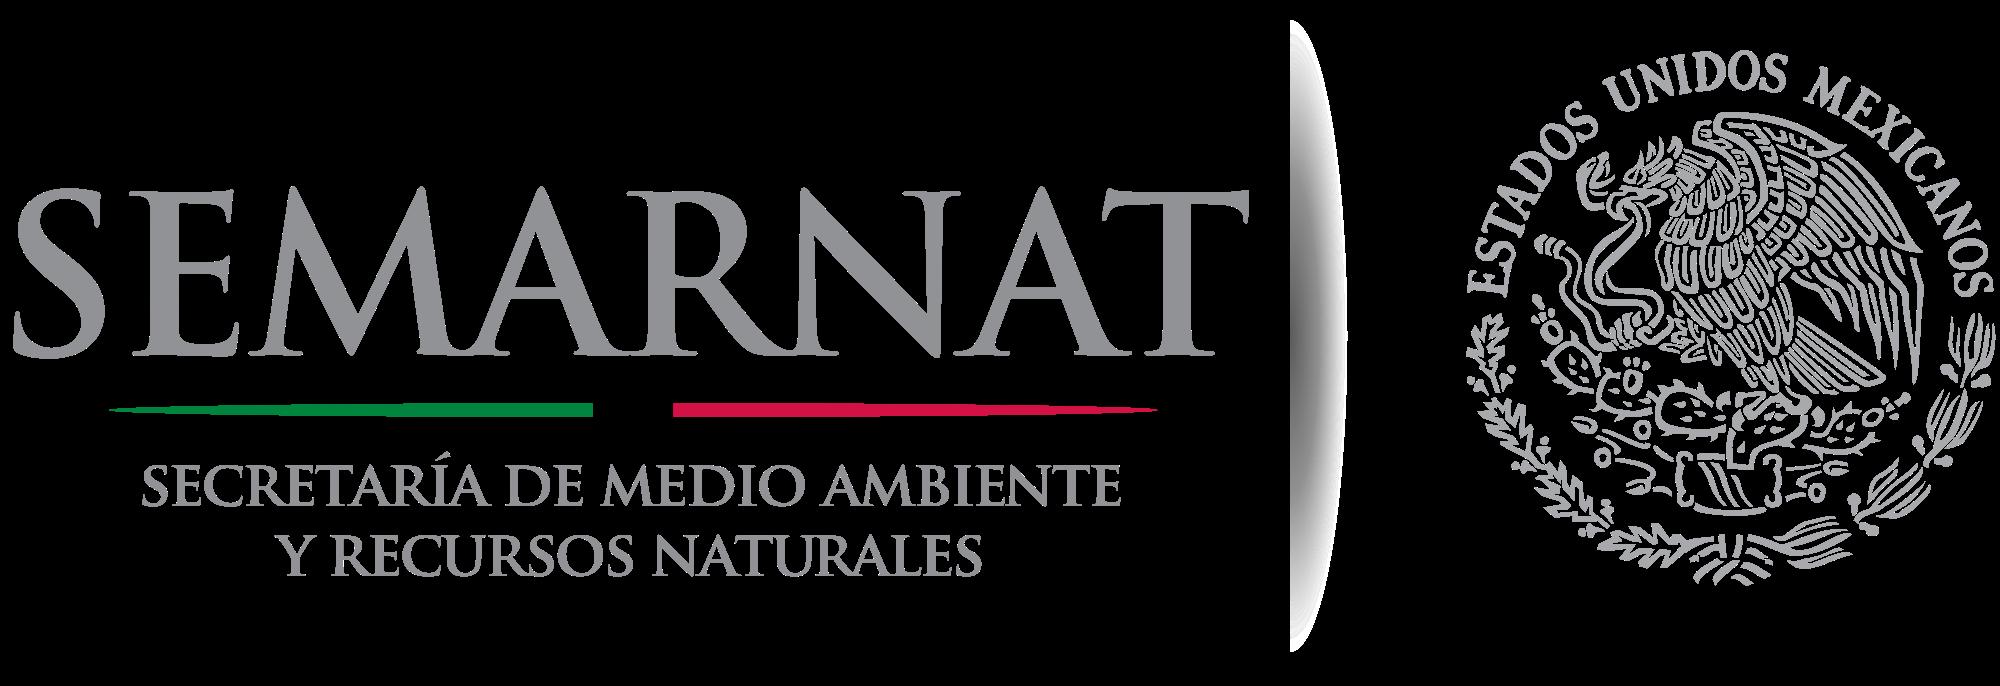 SEMARNAT_logo_2012.png